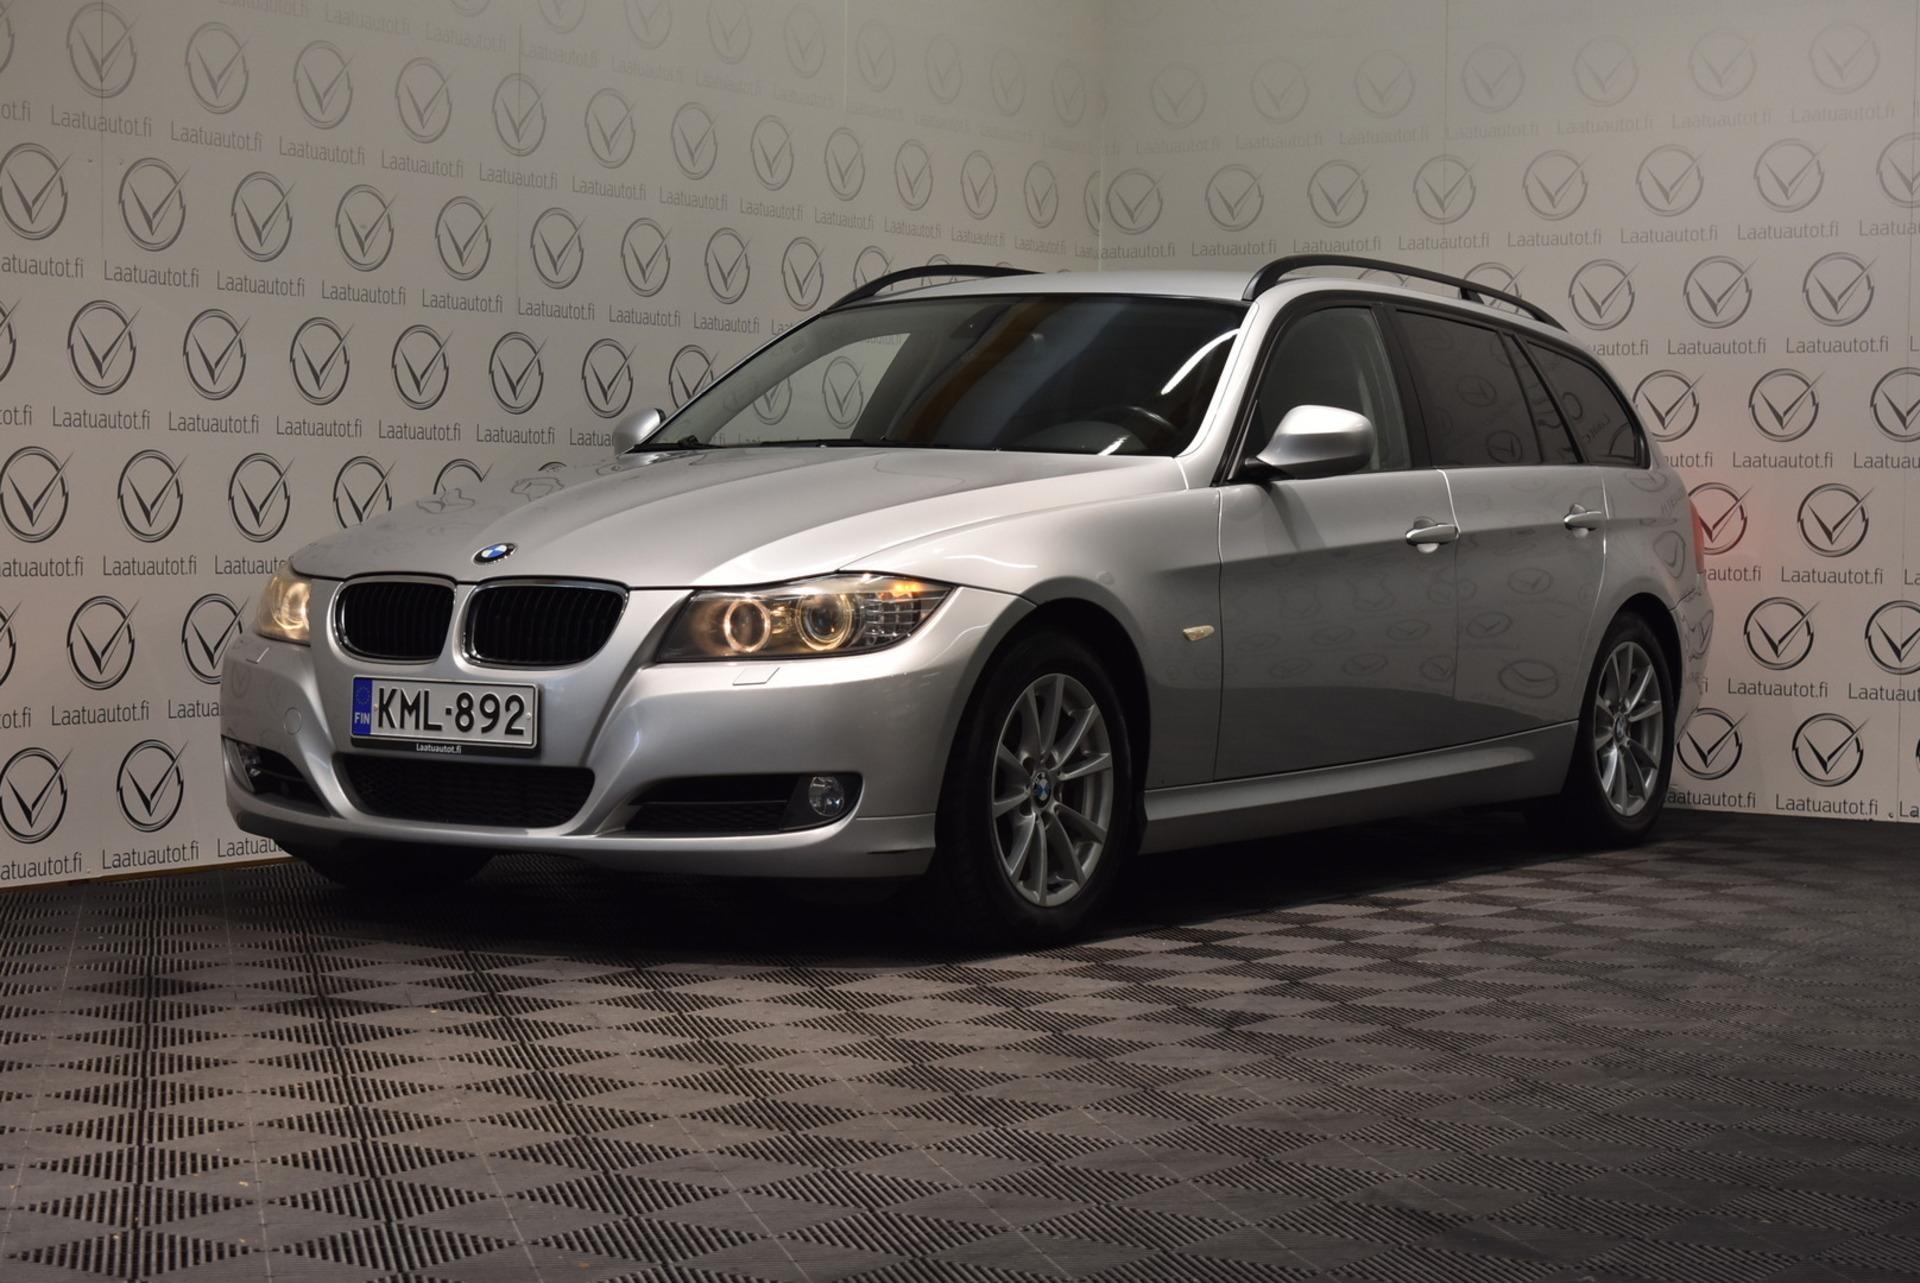 BMW 320 A E91 Touring Business - Korko: 1, 89% + kulut! Jopa ilman käsirahaa! Kuntotarkastettu! Xenon,  Nahat,  Cruise